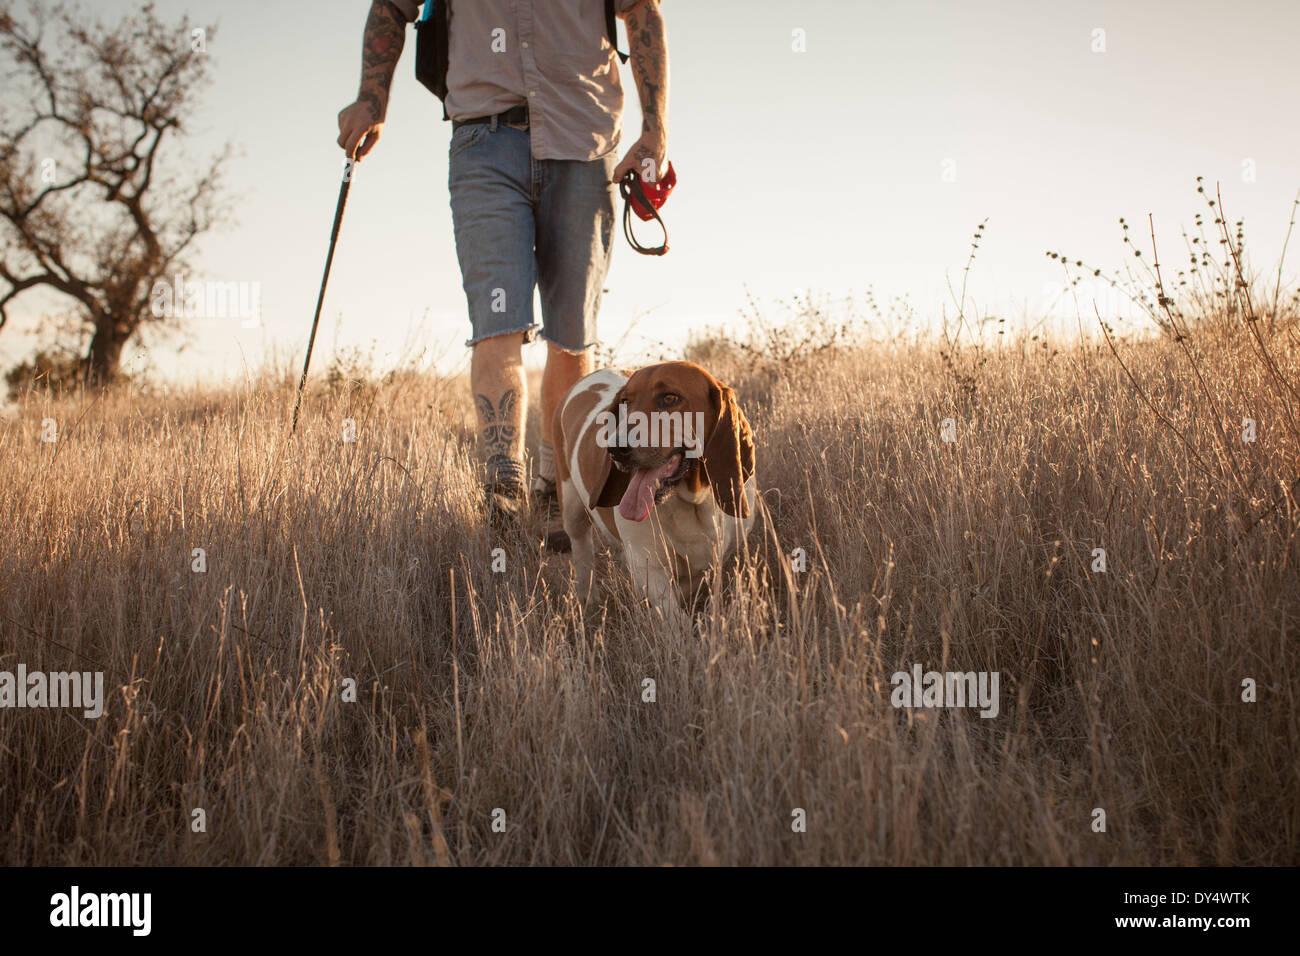 Beschnitten, Schuss von reifer Mann und sein Basset Hound, Wandern in den Bergen von Santa Monica, Kalifornien, USA Stockbild